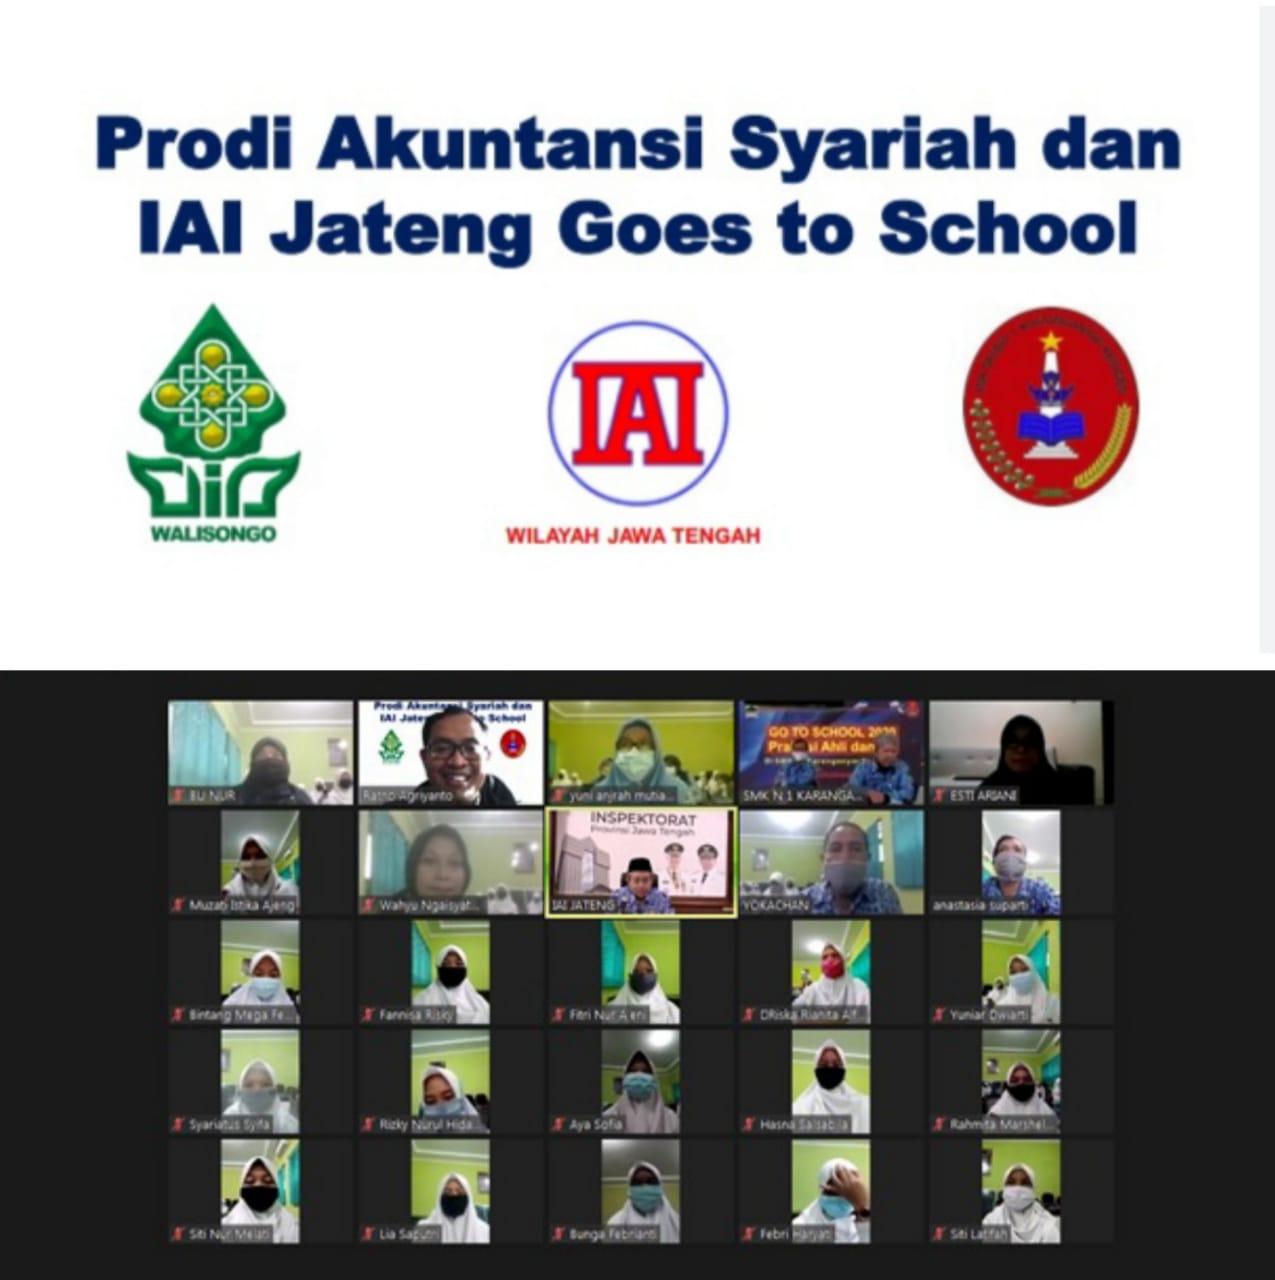 Prodi Akuntansi Syariah Febi Uin Walisongo Dan Ikatan Akuntan Indonesia Goes To School Fakultas Ekonomi Dan Bisnis Islam